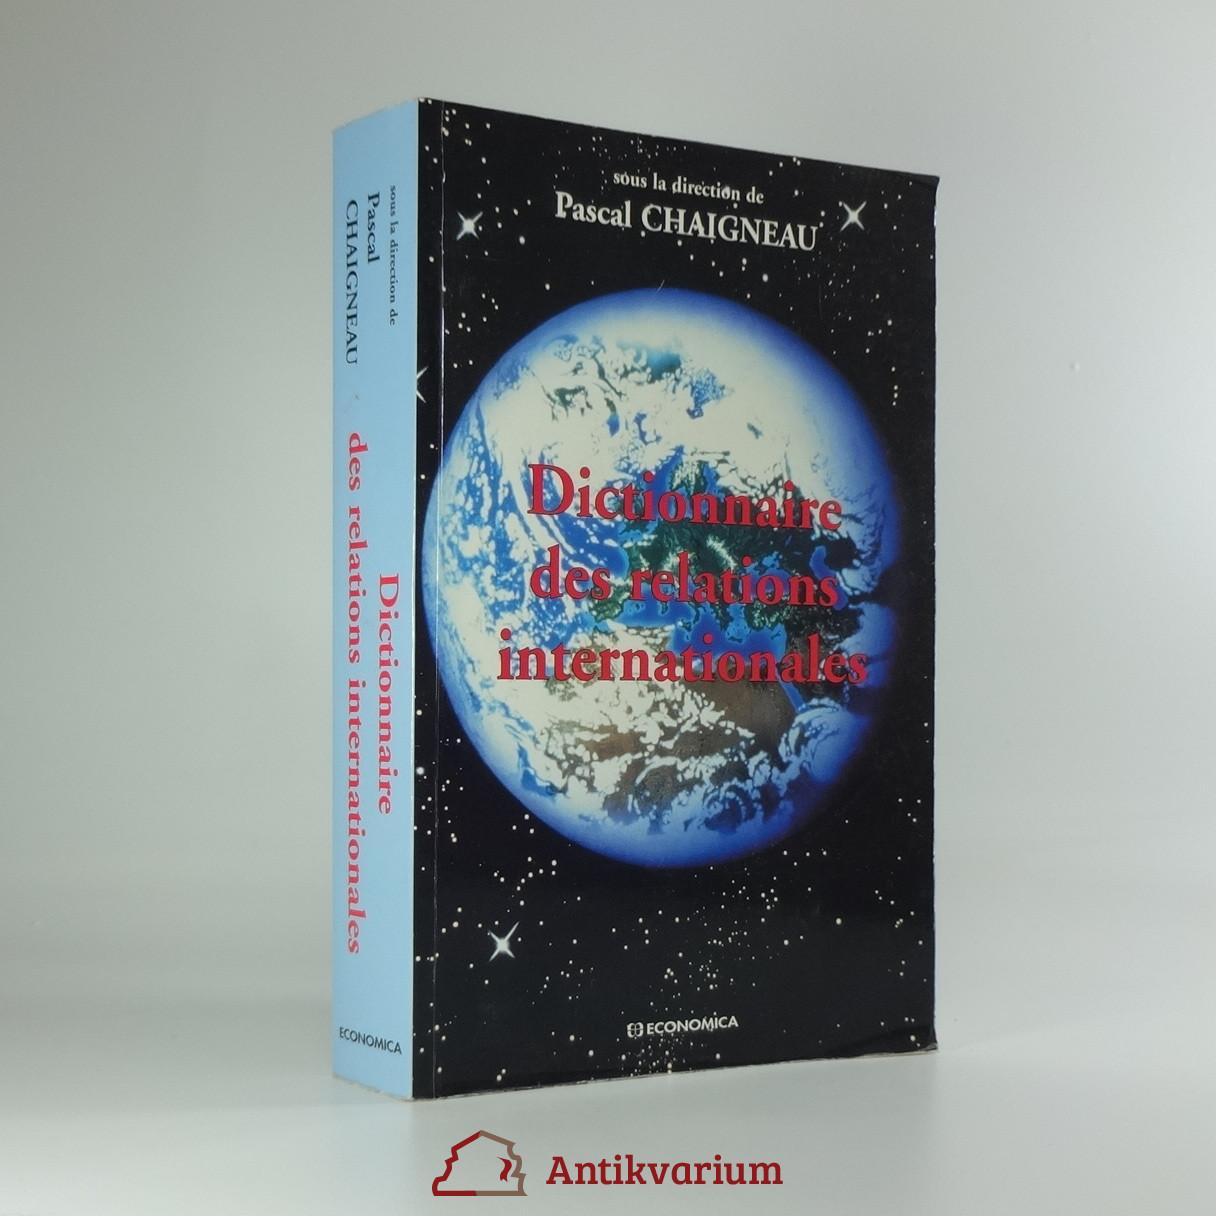 antikvární kniha Dictionaire des relations internationales, 1998